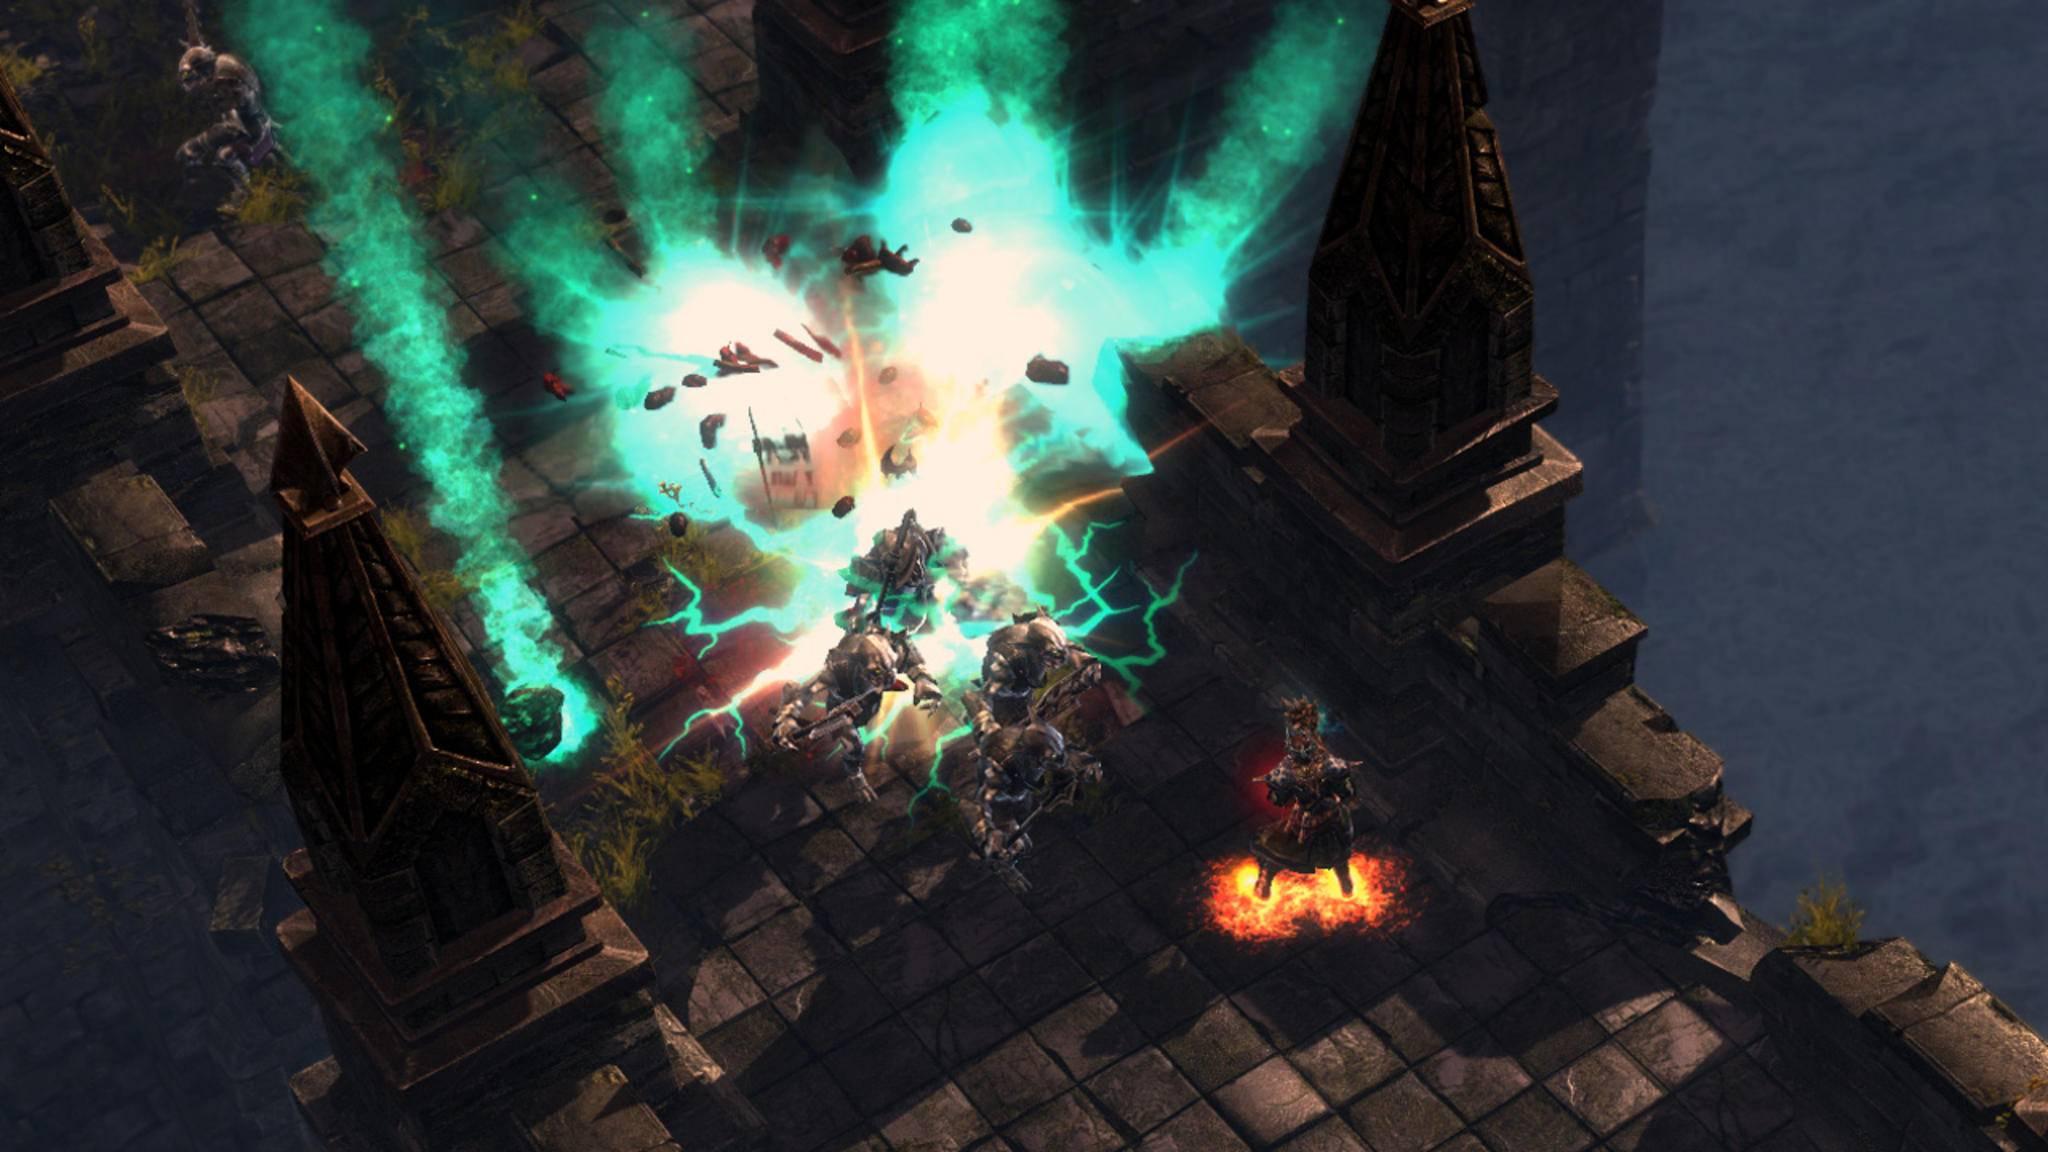 """Allein gegen die (Unter-)Welt: In Hack-and-Slay-Games wie """"Grim Dawn"""" stehen die Zahlen klassischerweise sehr zu Deinen Ungunsten. Dafür hat Dein Held die stärkeren Zauber!"""